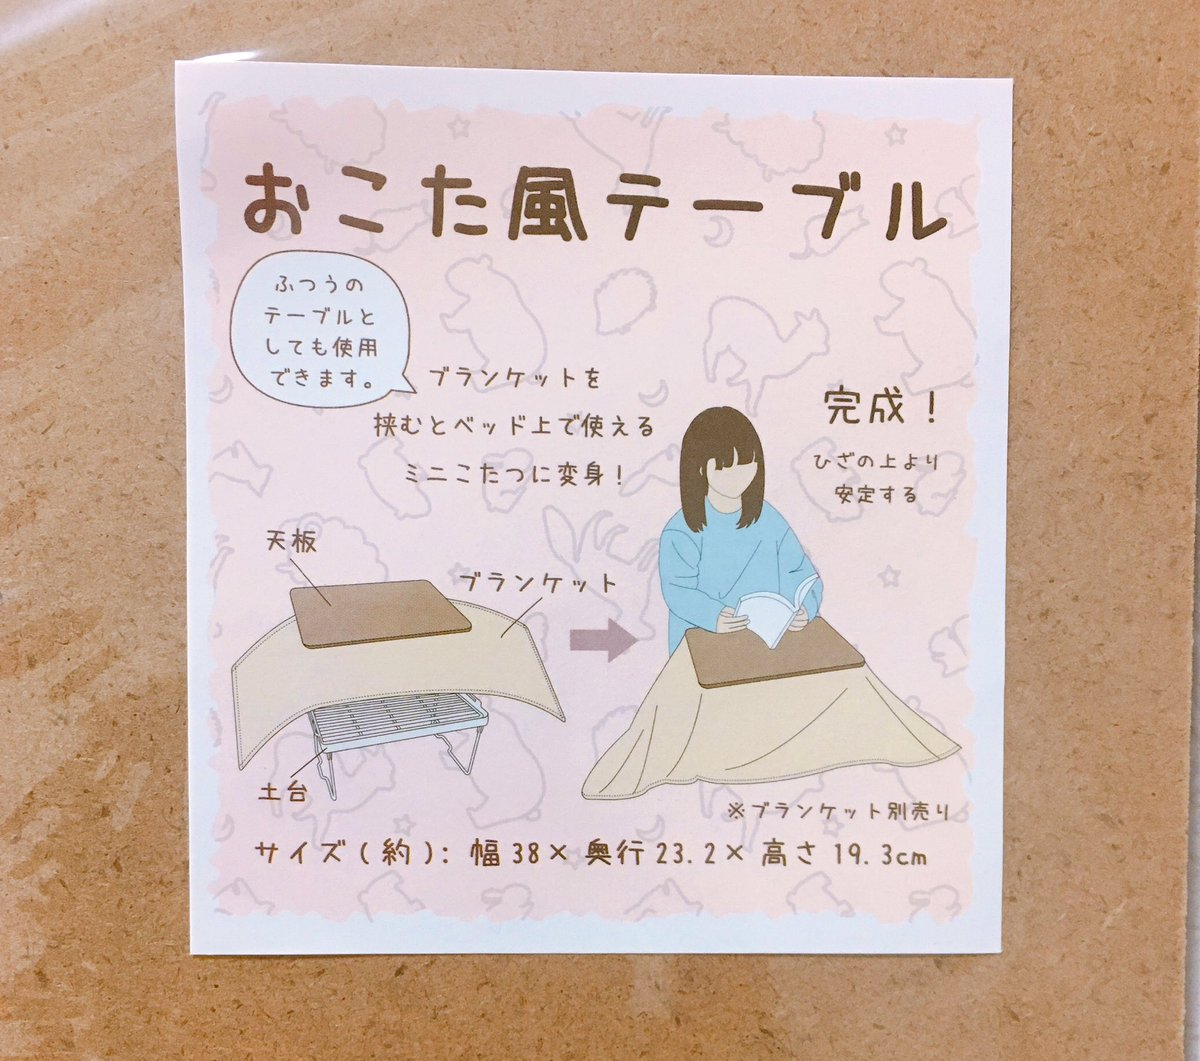 まって…3COINS、¥500でどこでもコタツが作れるやばいもの売っててやばい… ベッドで作業出来ちゃう…やばい…